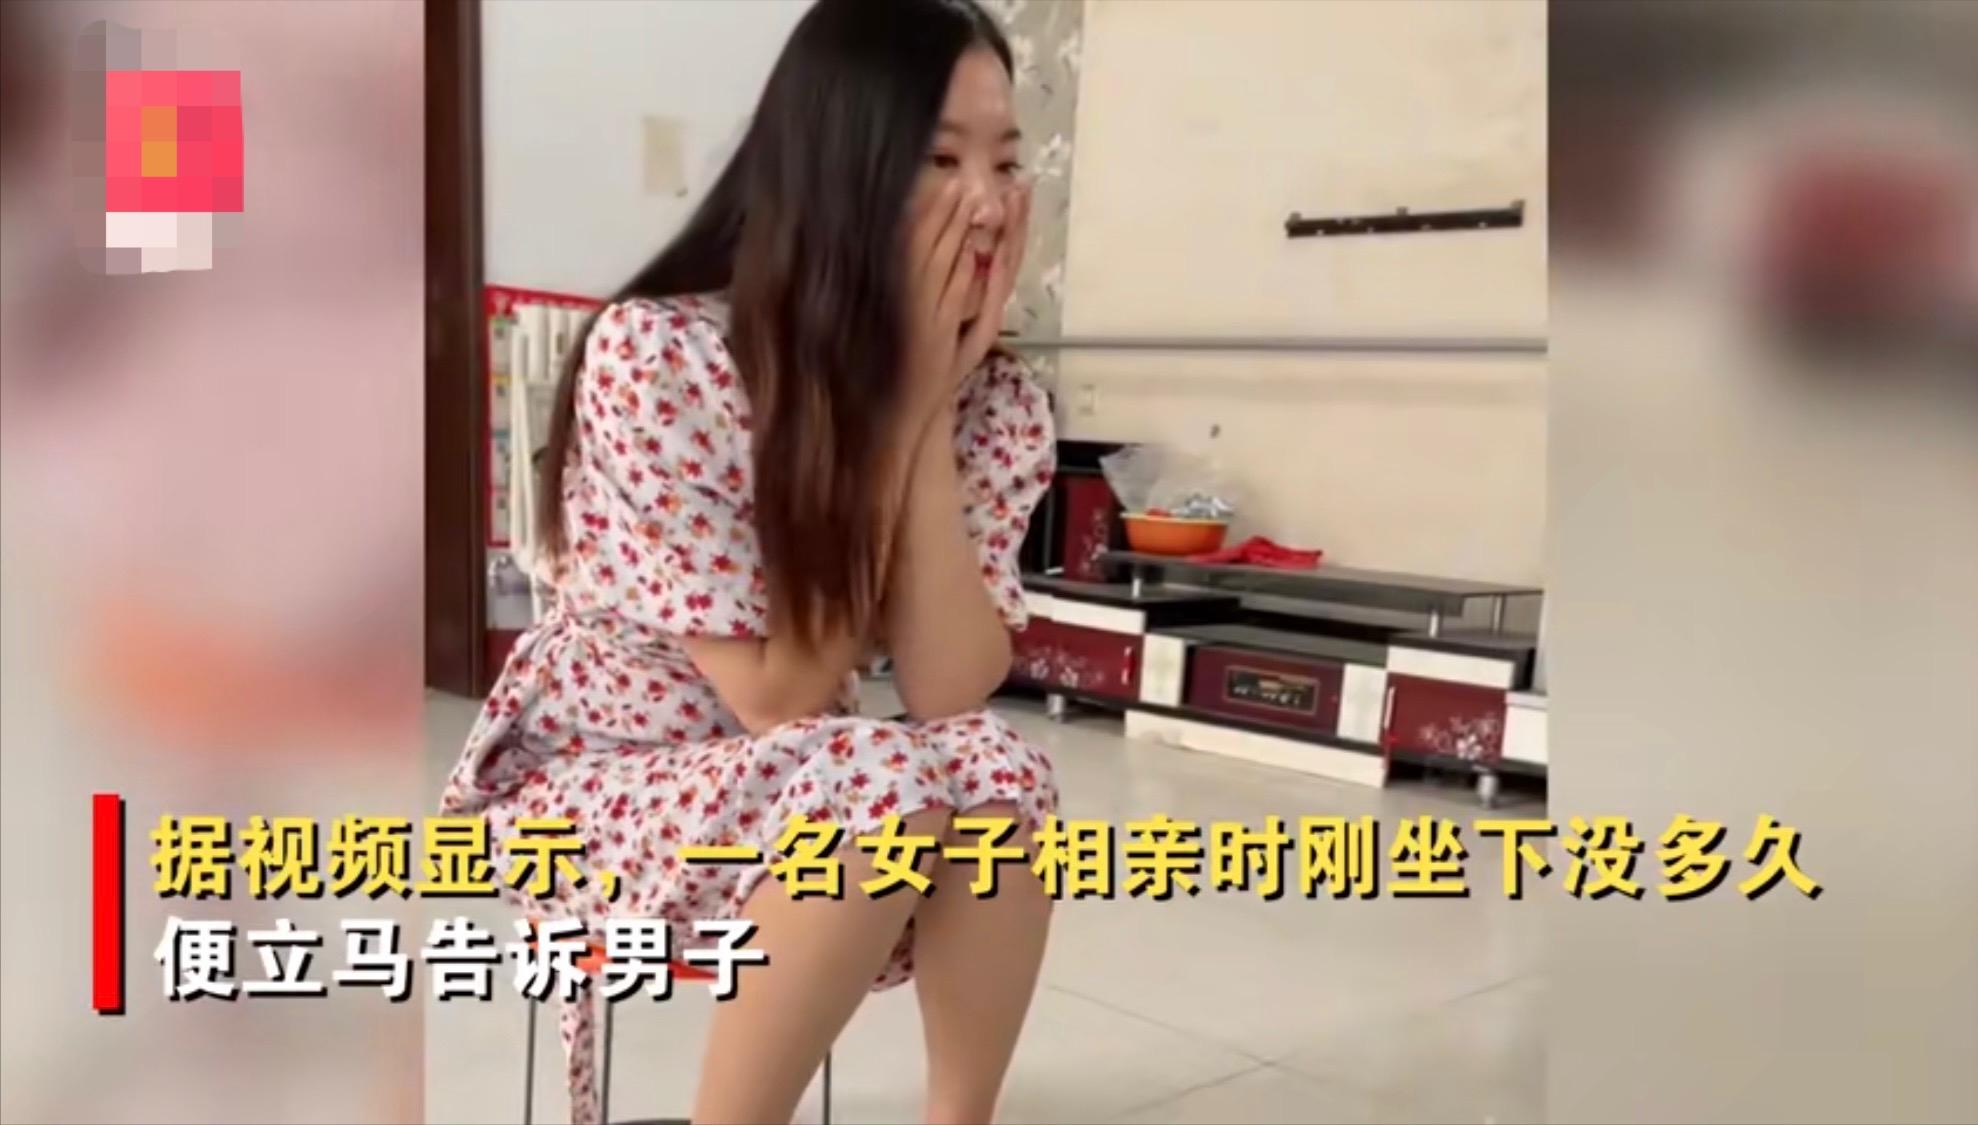 山东一女子相亲,刚坐下就坦白自己离婚带娃,男子反应尴尬又现实